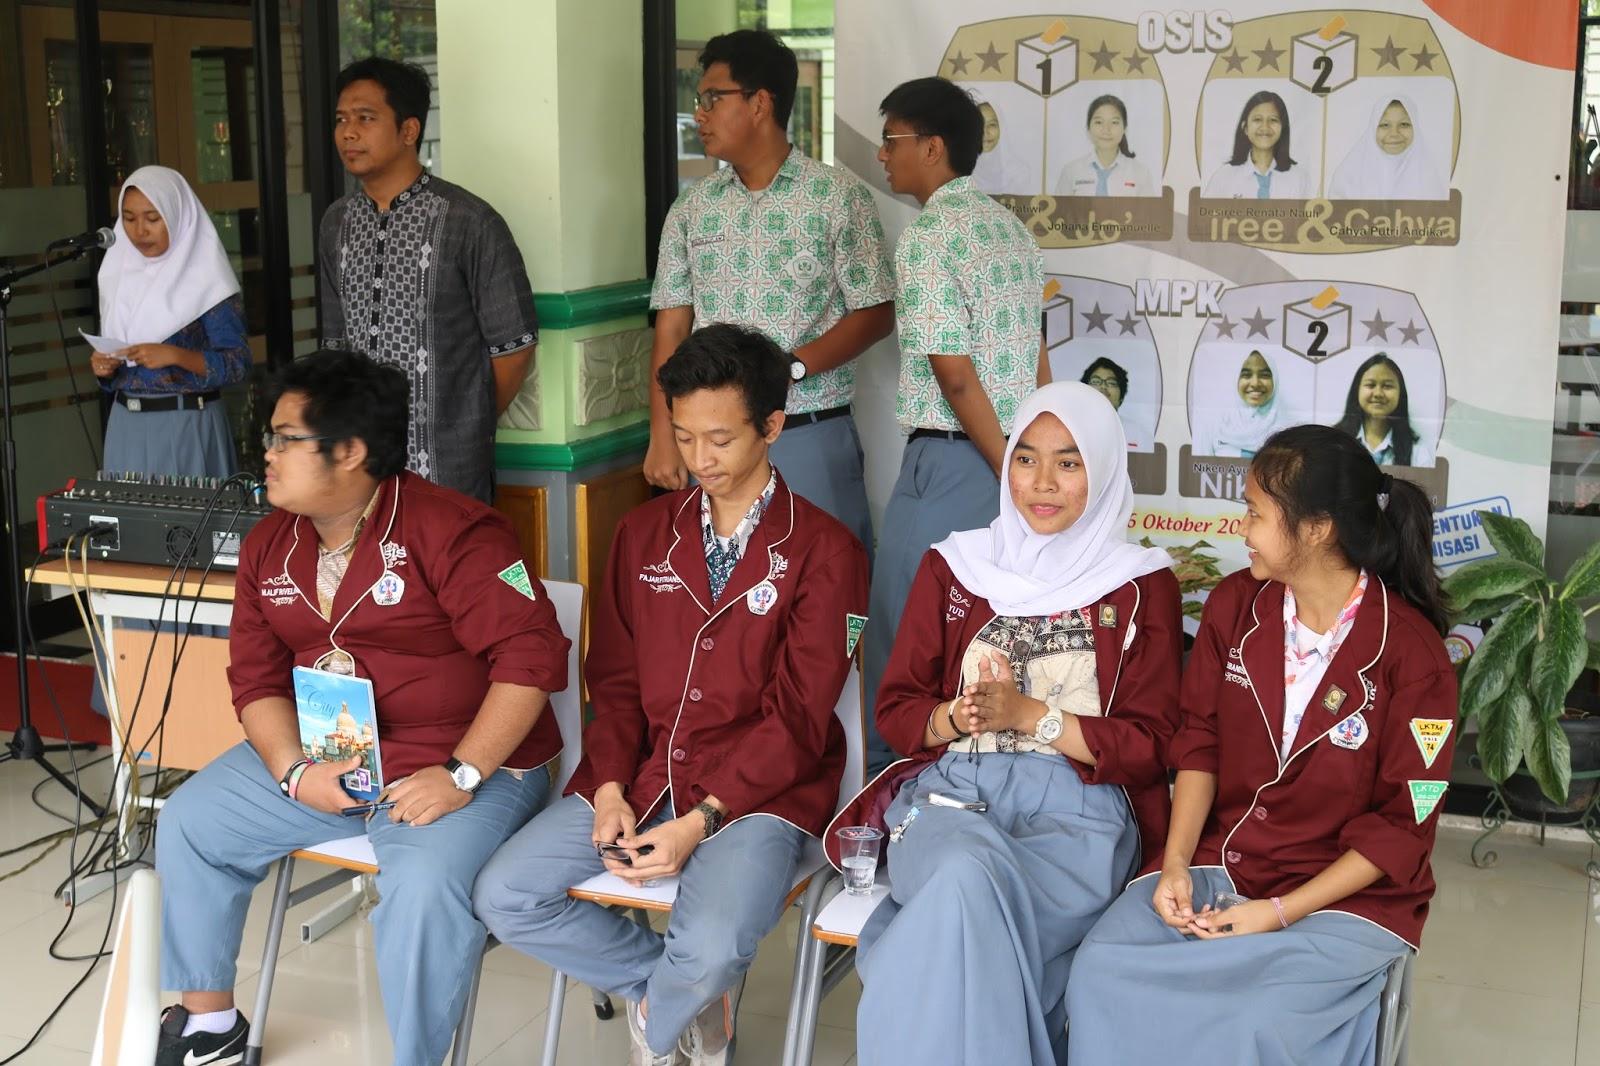 Sman 74 Jakarta Debat Calon Ketua Osis Dan Mpk